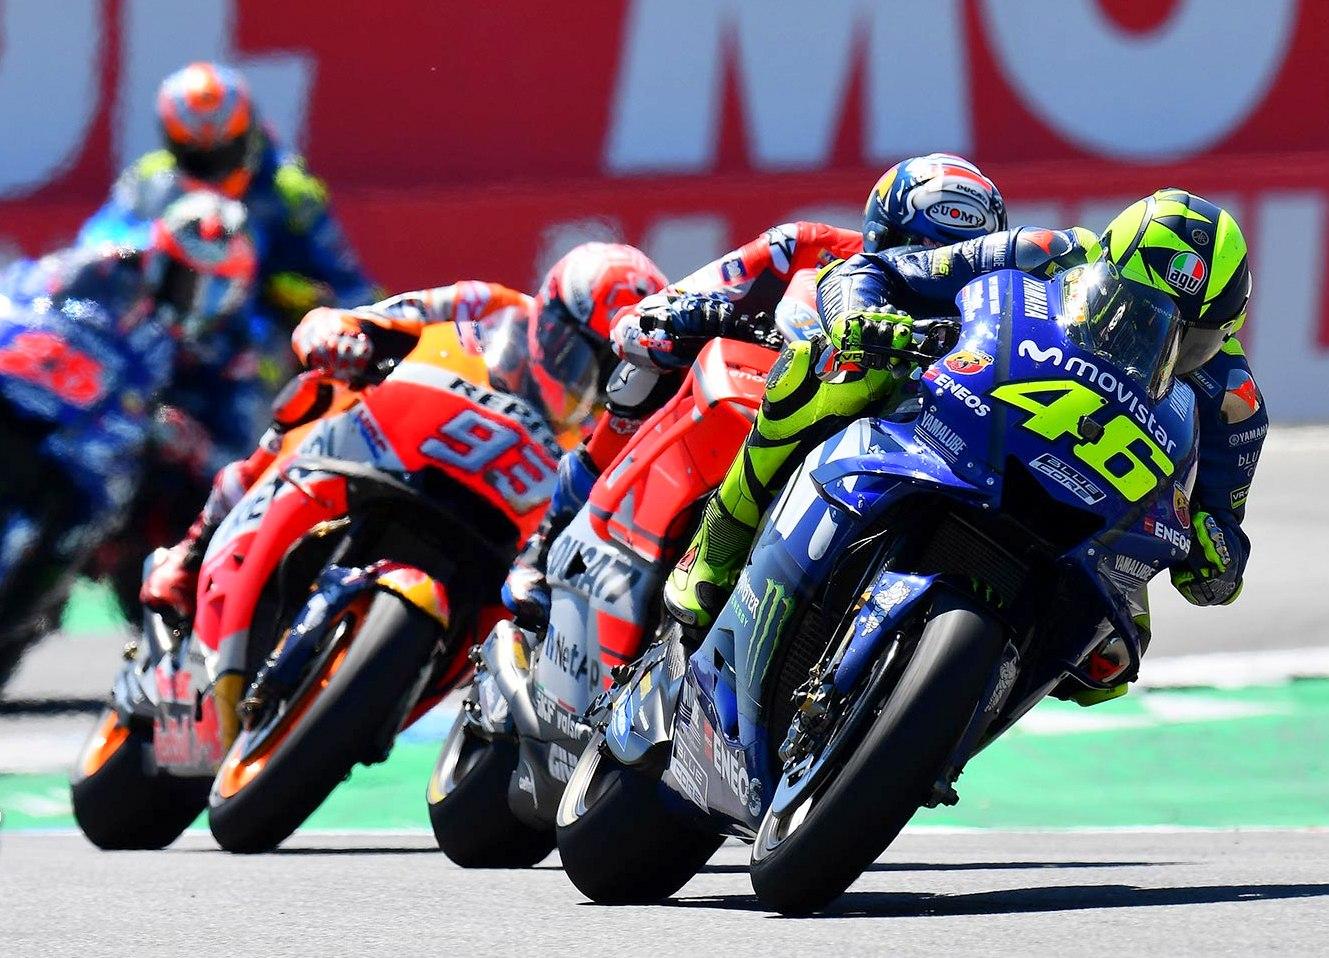 Ini dia beberapa peraturan baru yang akan diberlakukan untuk MotoGP musim 2019